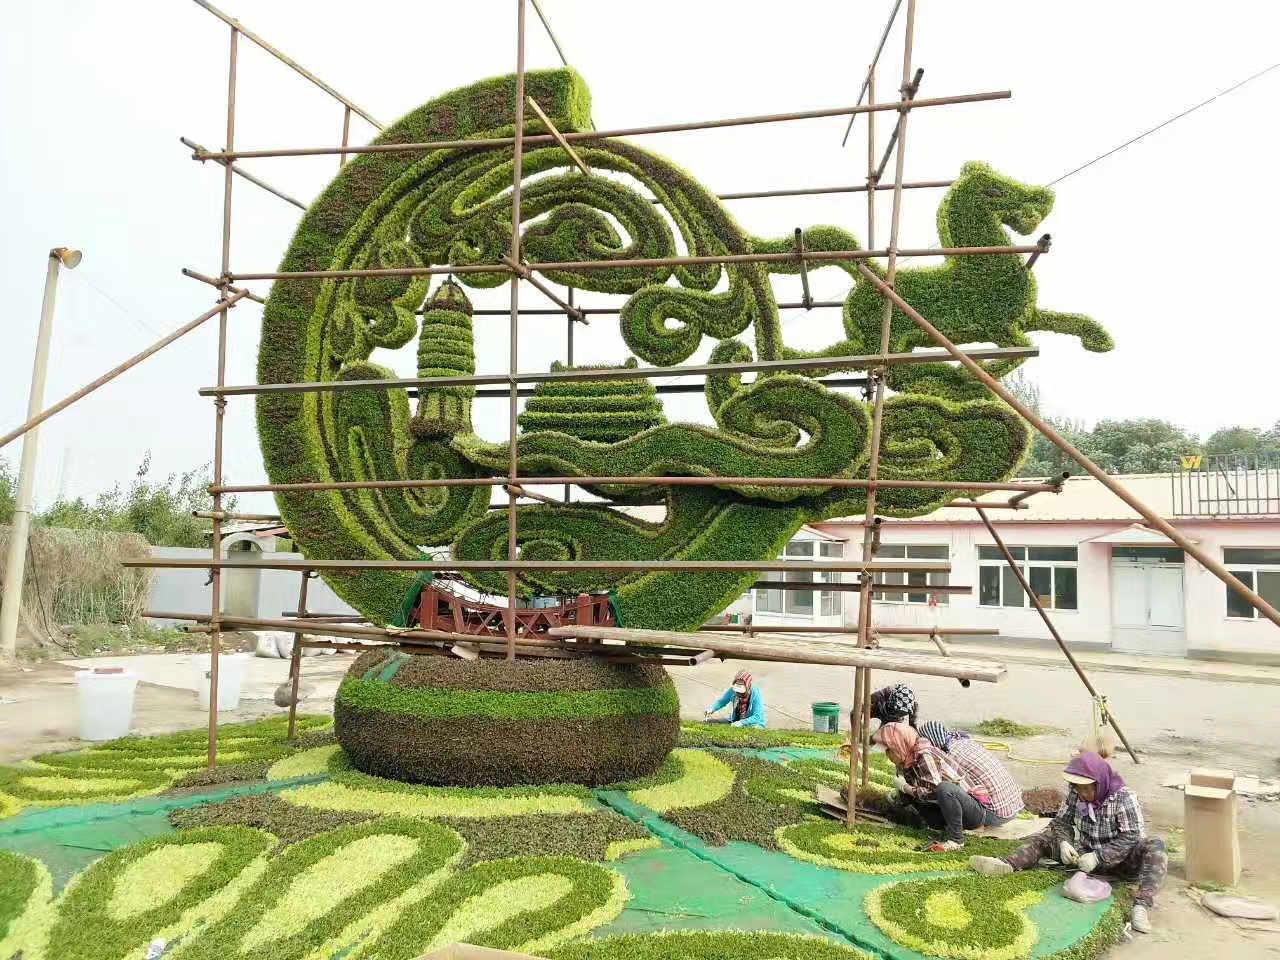 延伸拓展 产品详情:40组原创设计绿雕装点花博会 快来一起感受银川绿